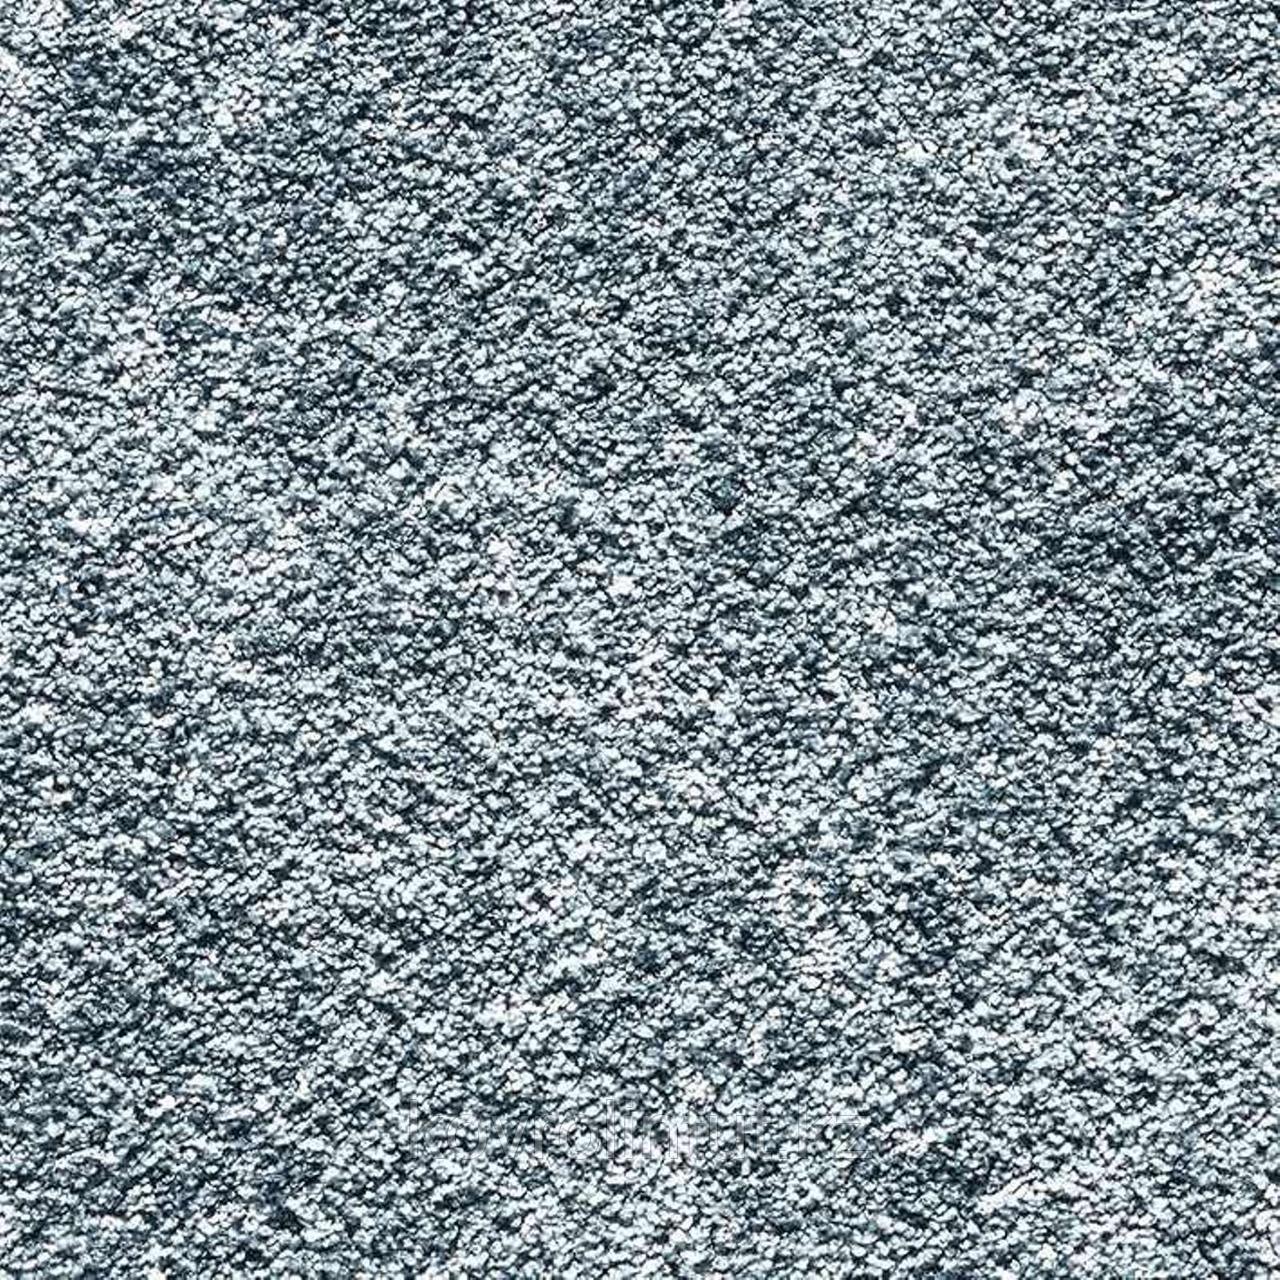 Покрытие ковровое Clouds 79, графит, 4 м, 100% PA